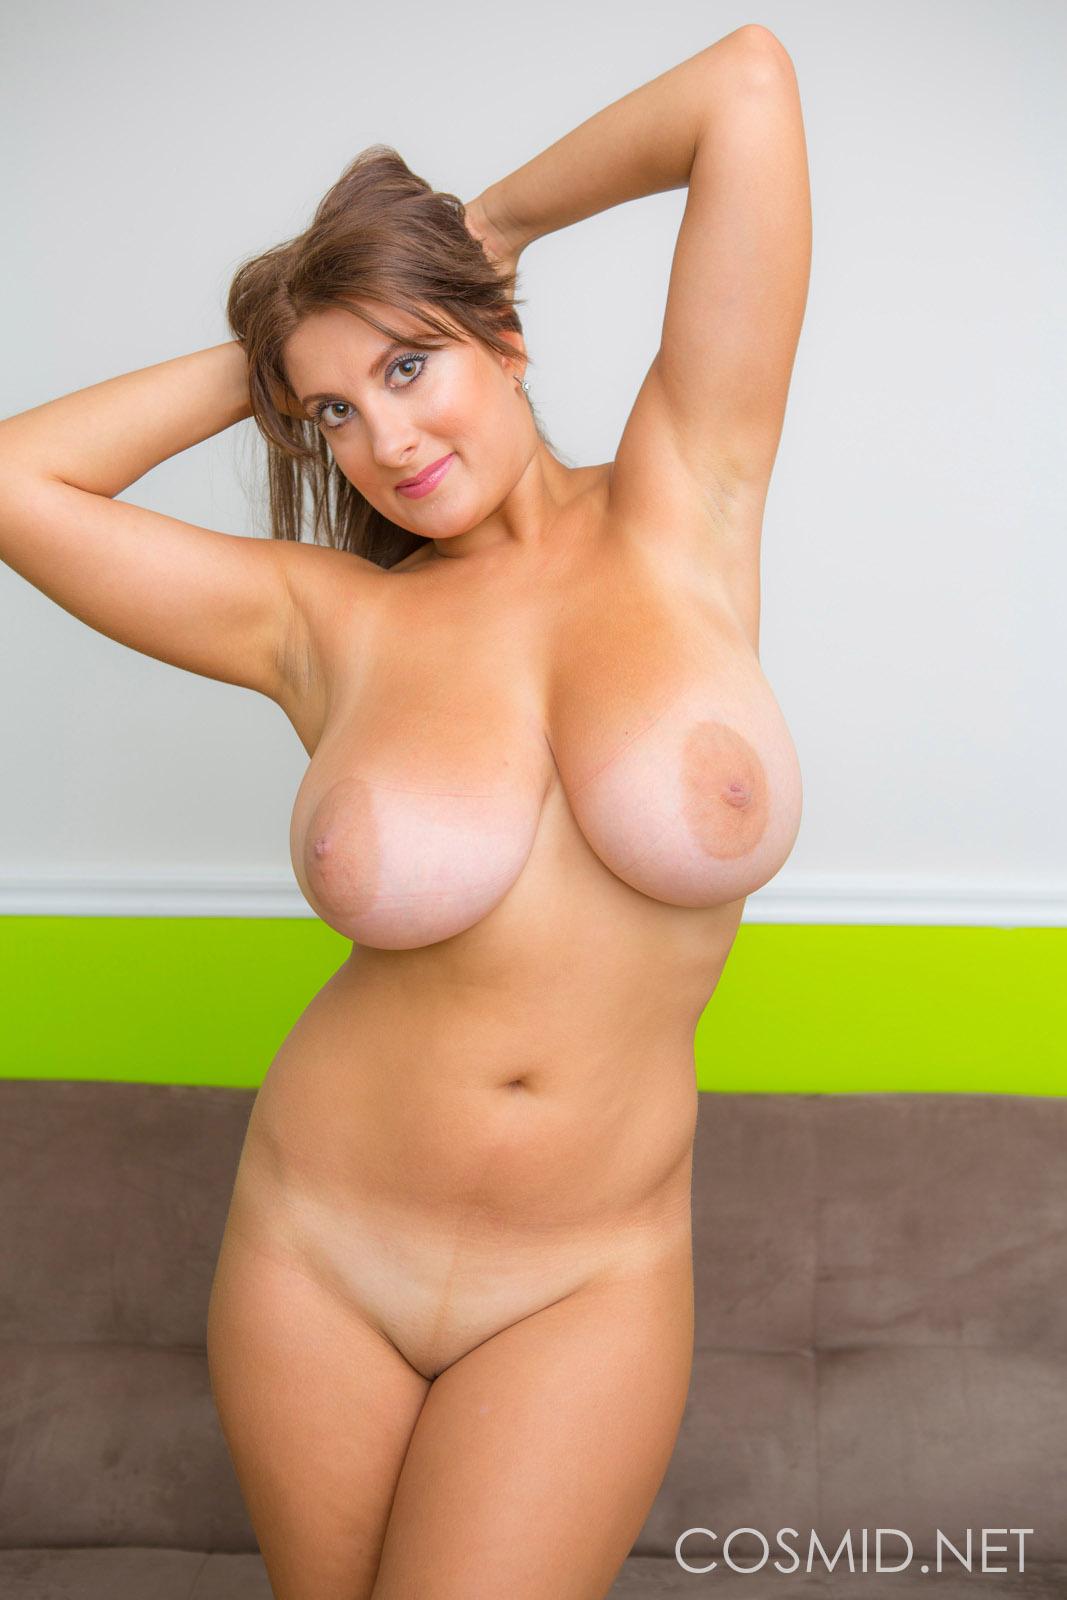 Busty curvy